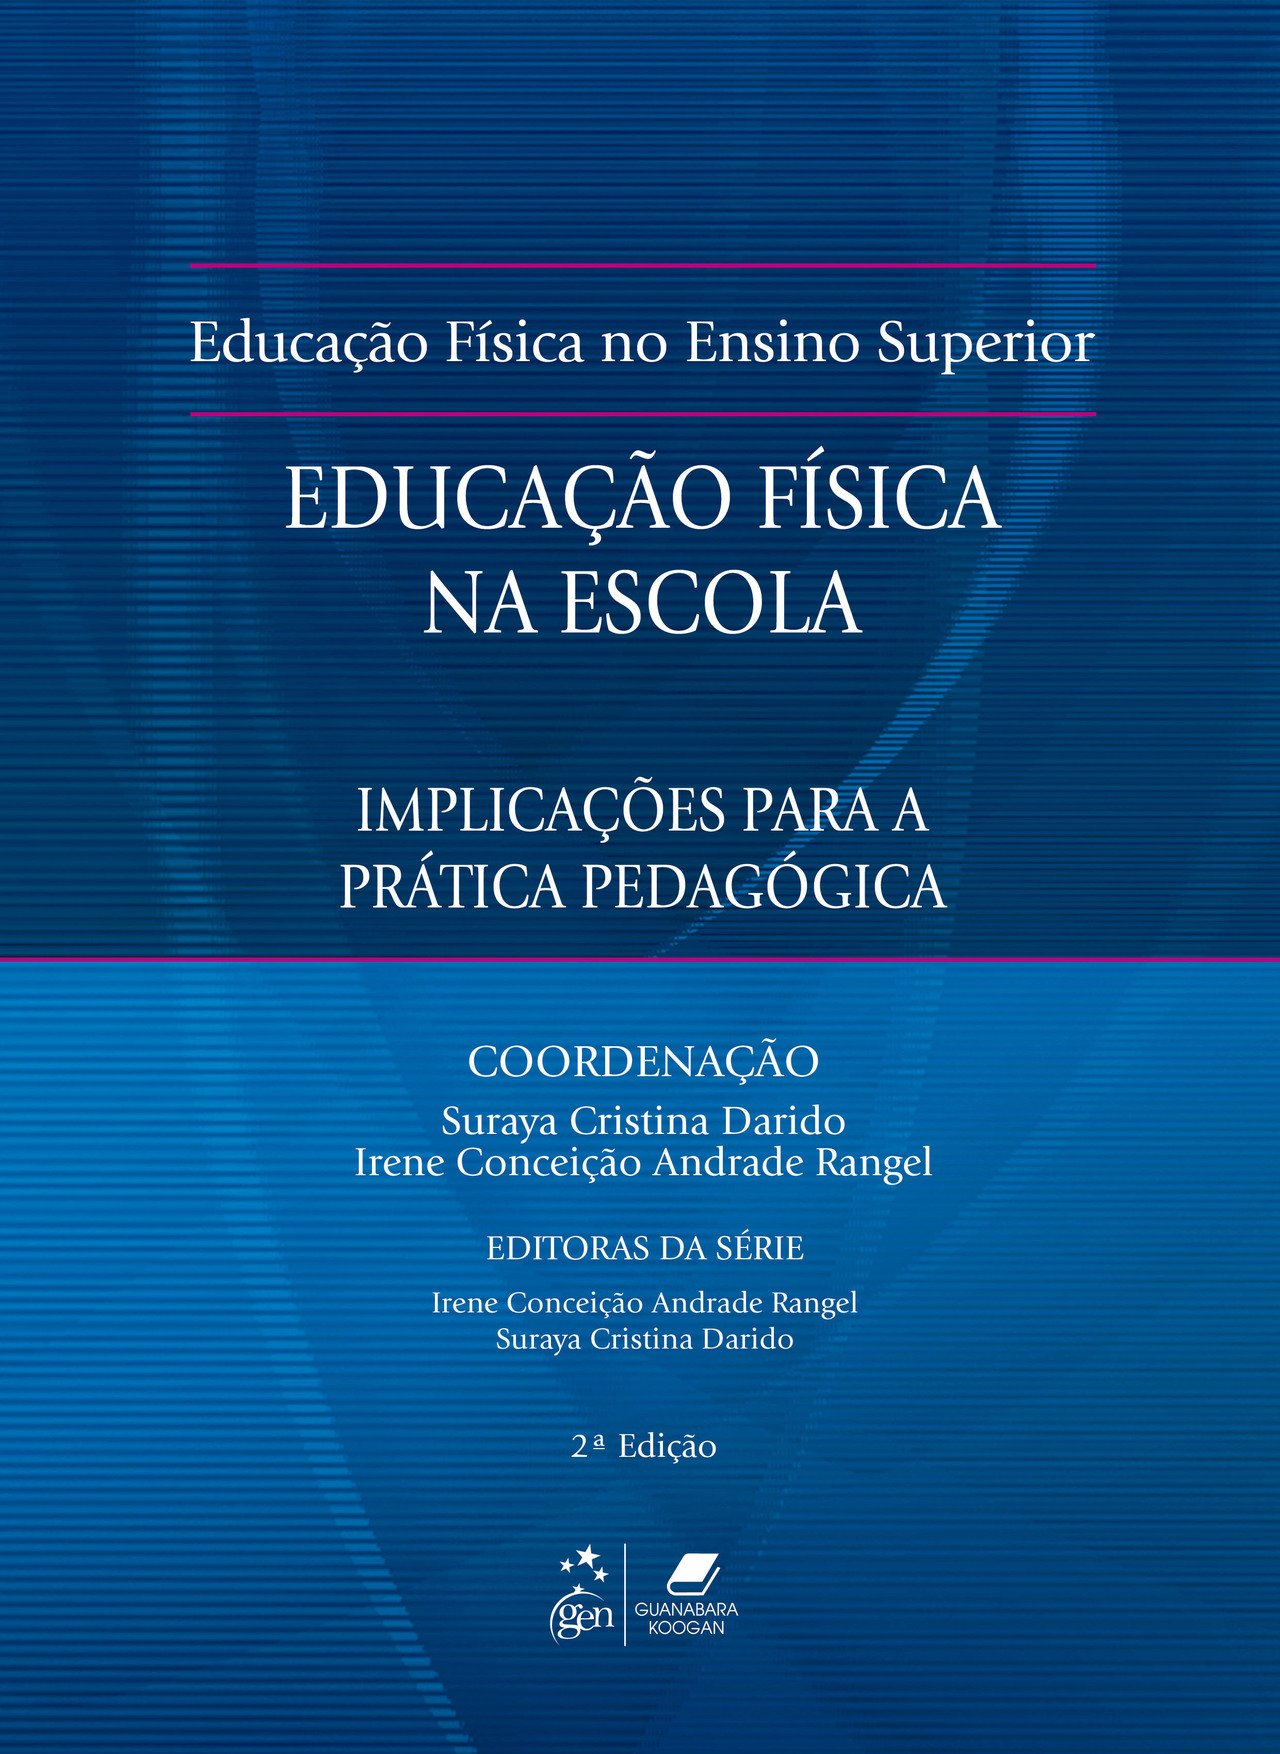 Educação Física na Escola: Implicações Para a Prática Pedagógica